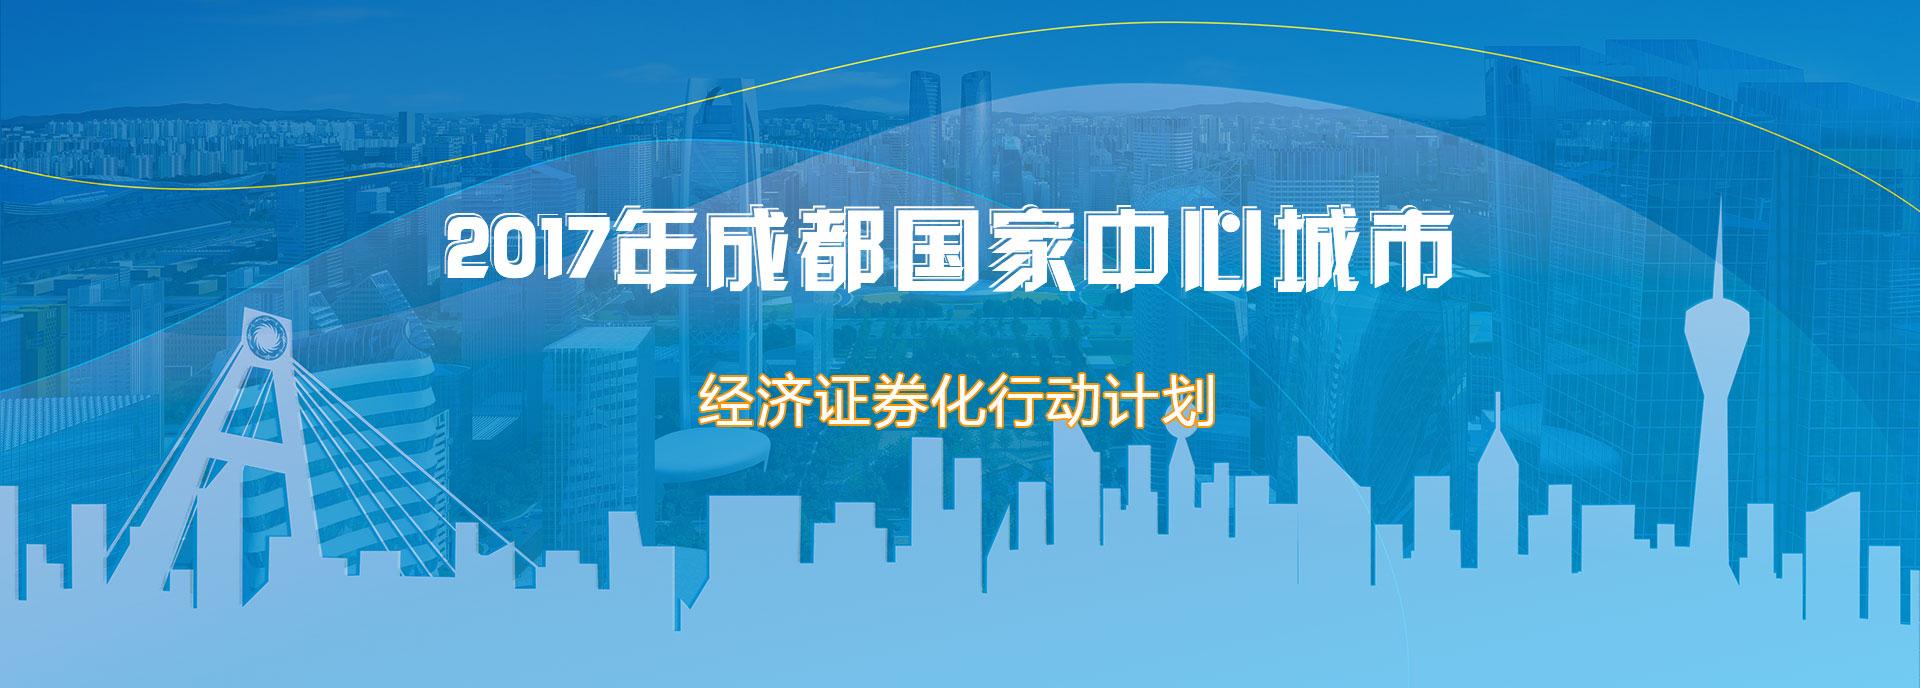 2017成都国家中心城市经济证券化行动计划定向培训